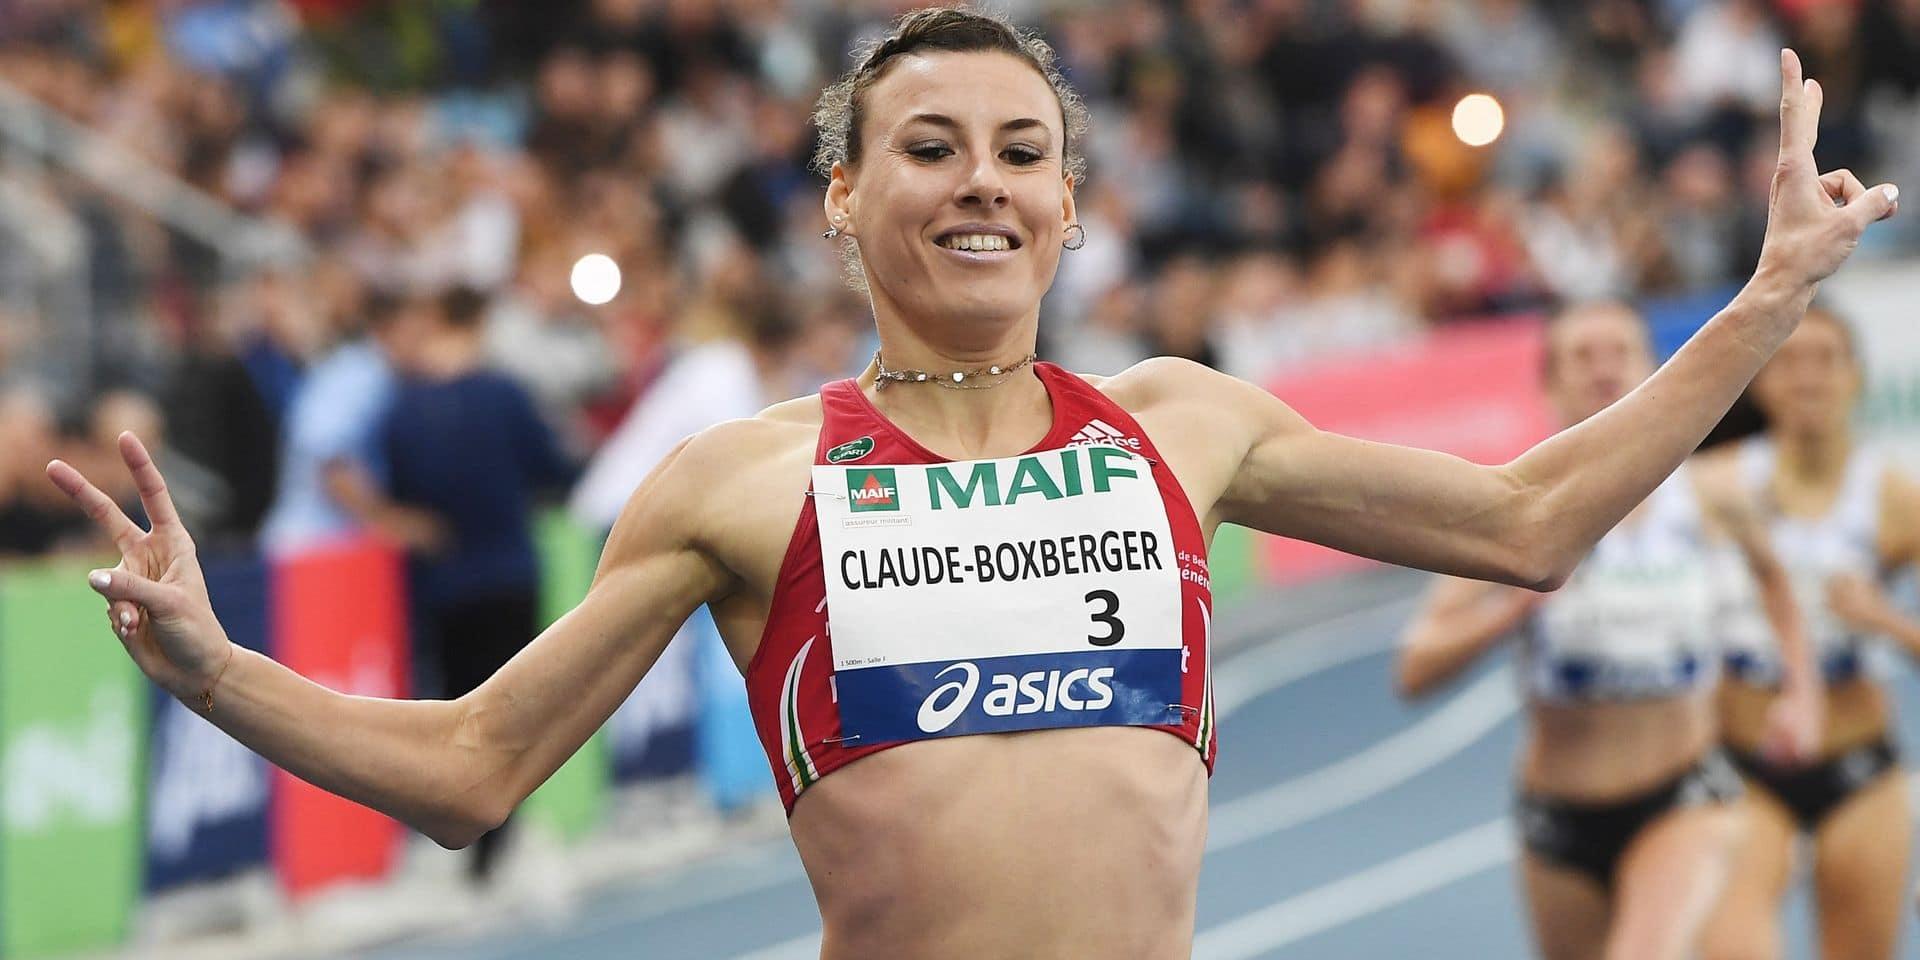 L'affaire Ophélie Claude-Boxberger: sexe, mensonge et course à pied